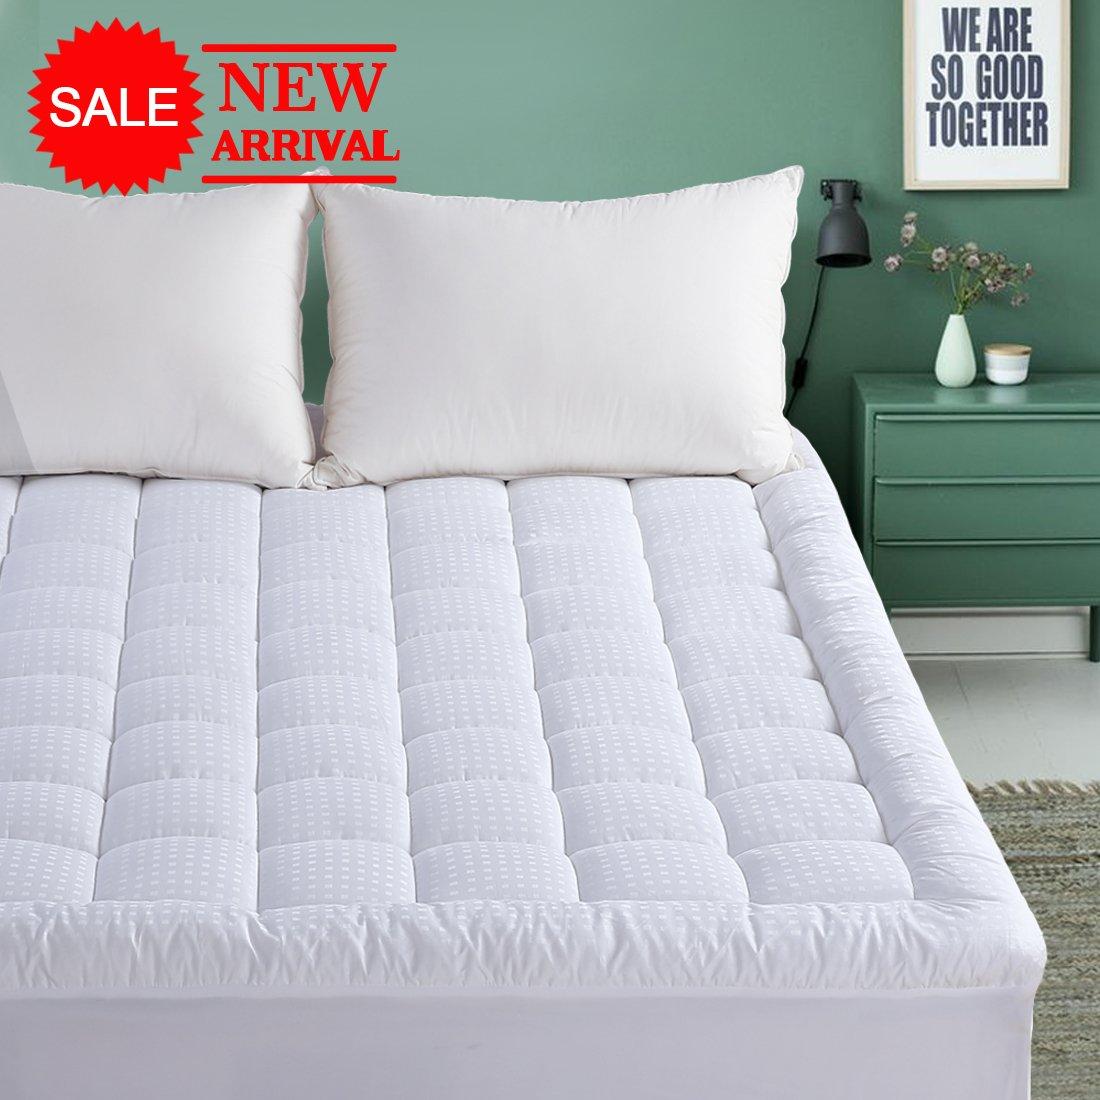 Queen Mattress Pad 300tc Down Alternative Pillow Top Mattress